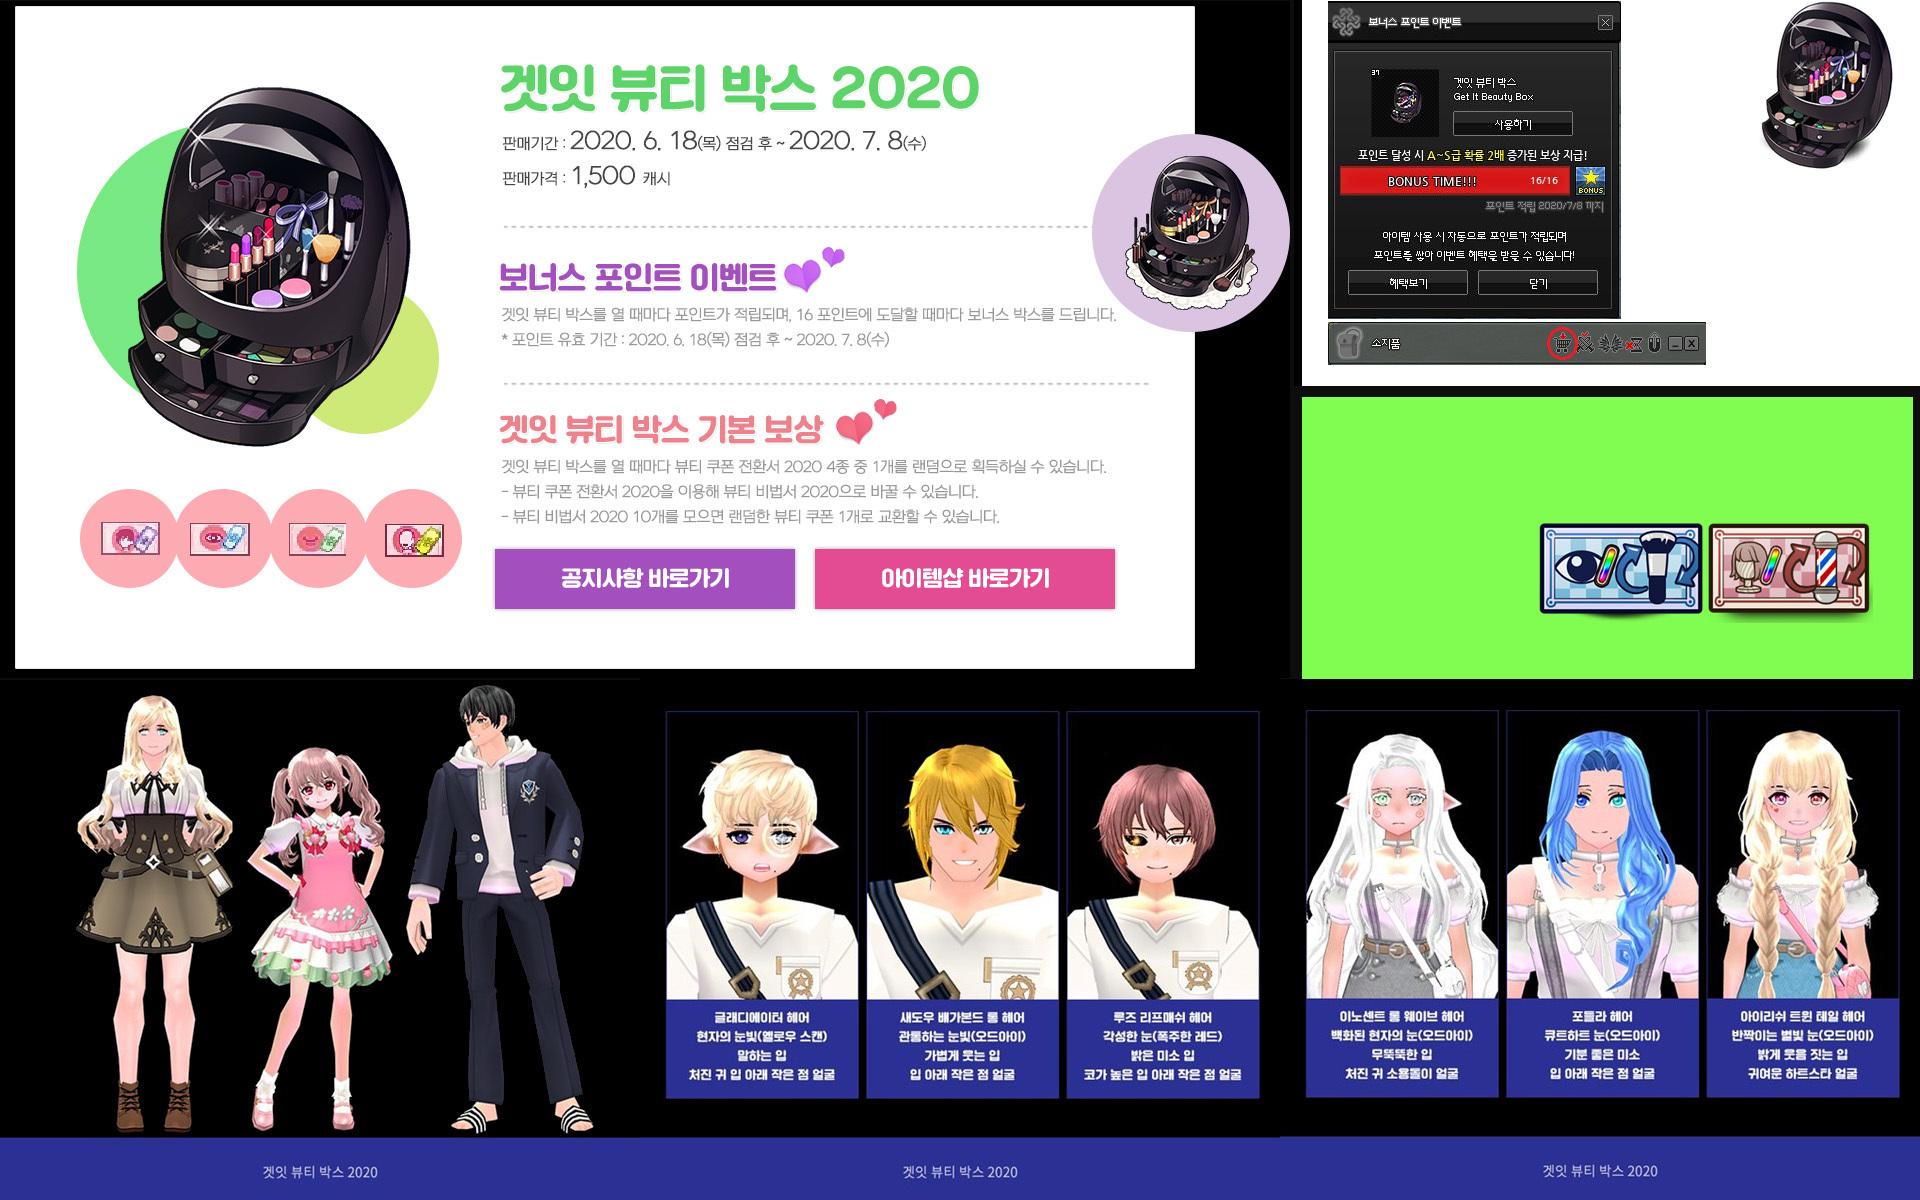 韓国・ゲットイットビューティ2